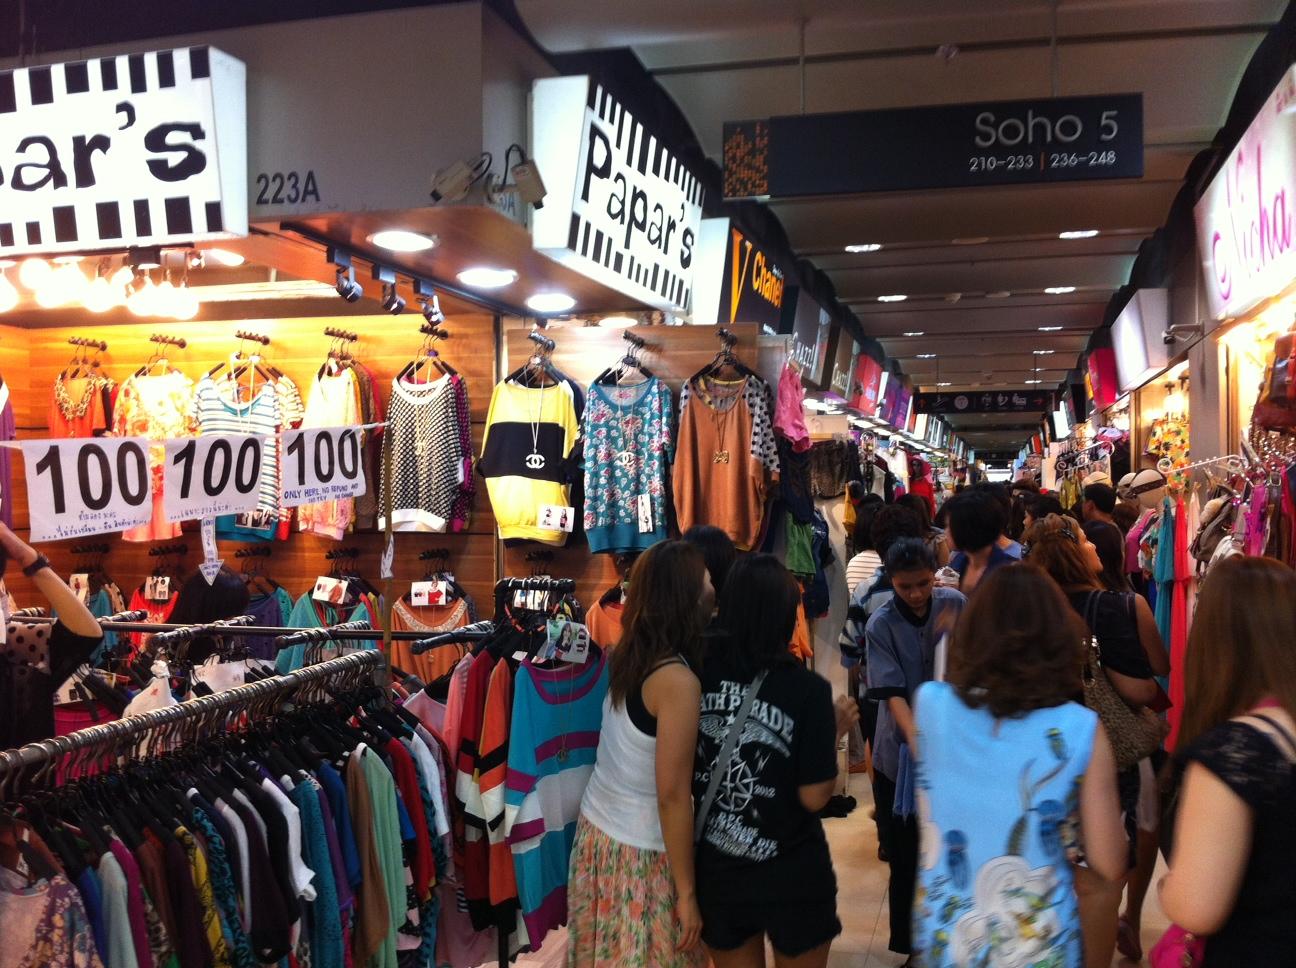 Chợ rất đông, hãy cẩn thận đề phòng móc túi